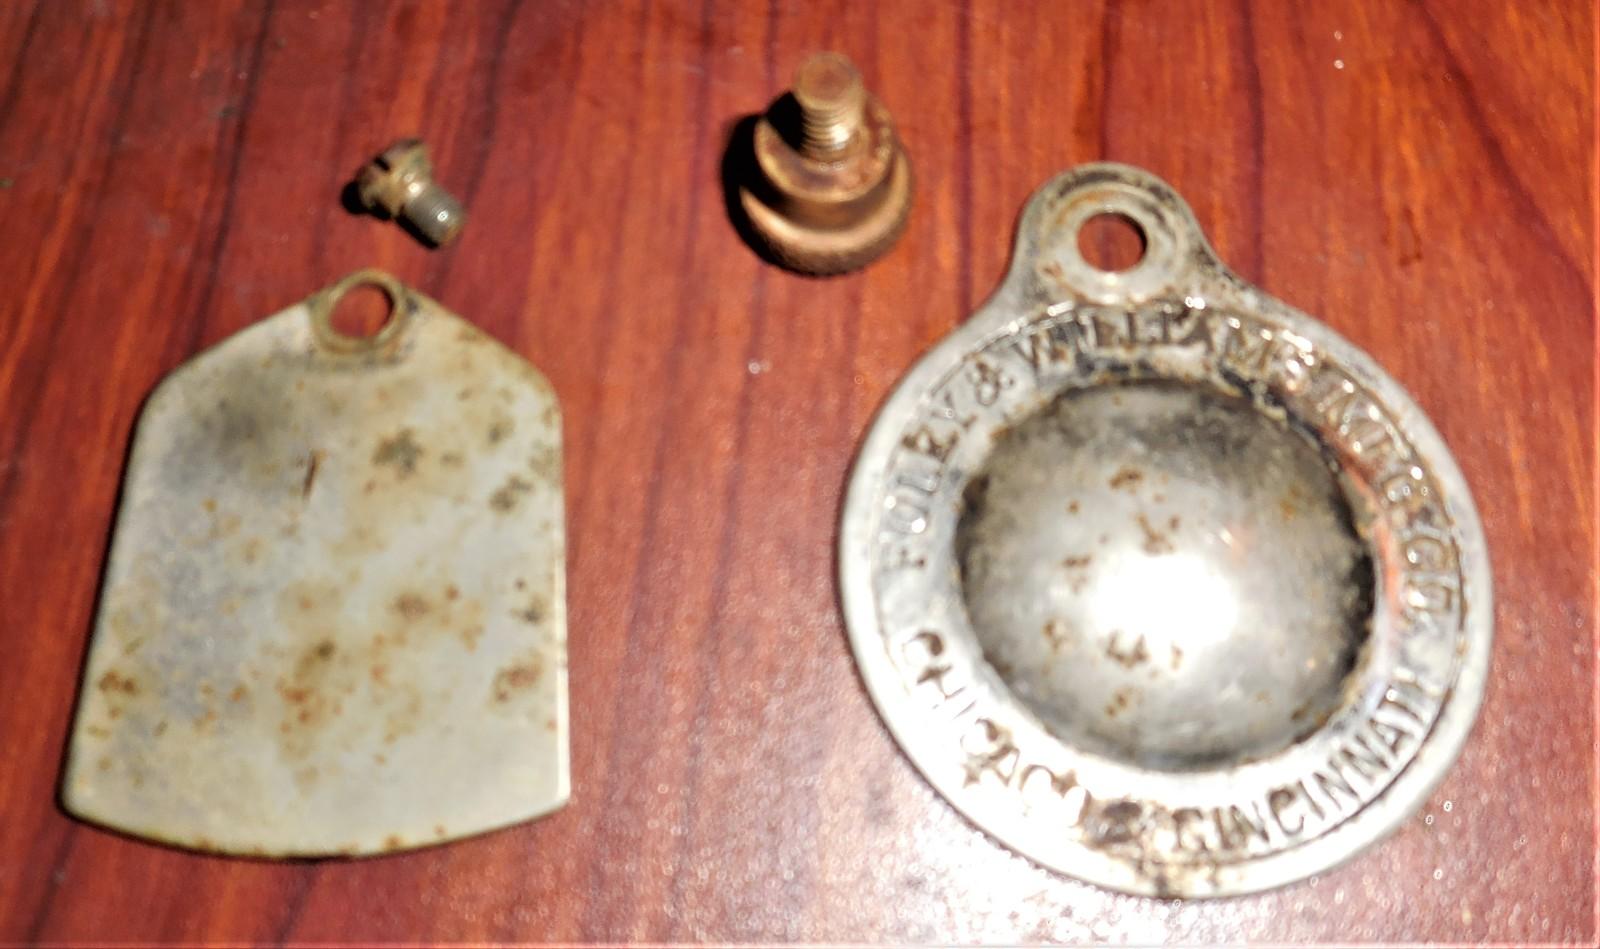 1898 Foley & Williams Goodrich B Plates Inspection & Slack Thread Lever w/Screws